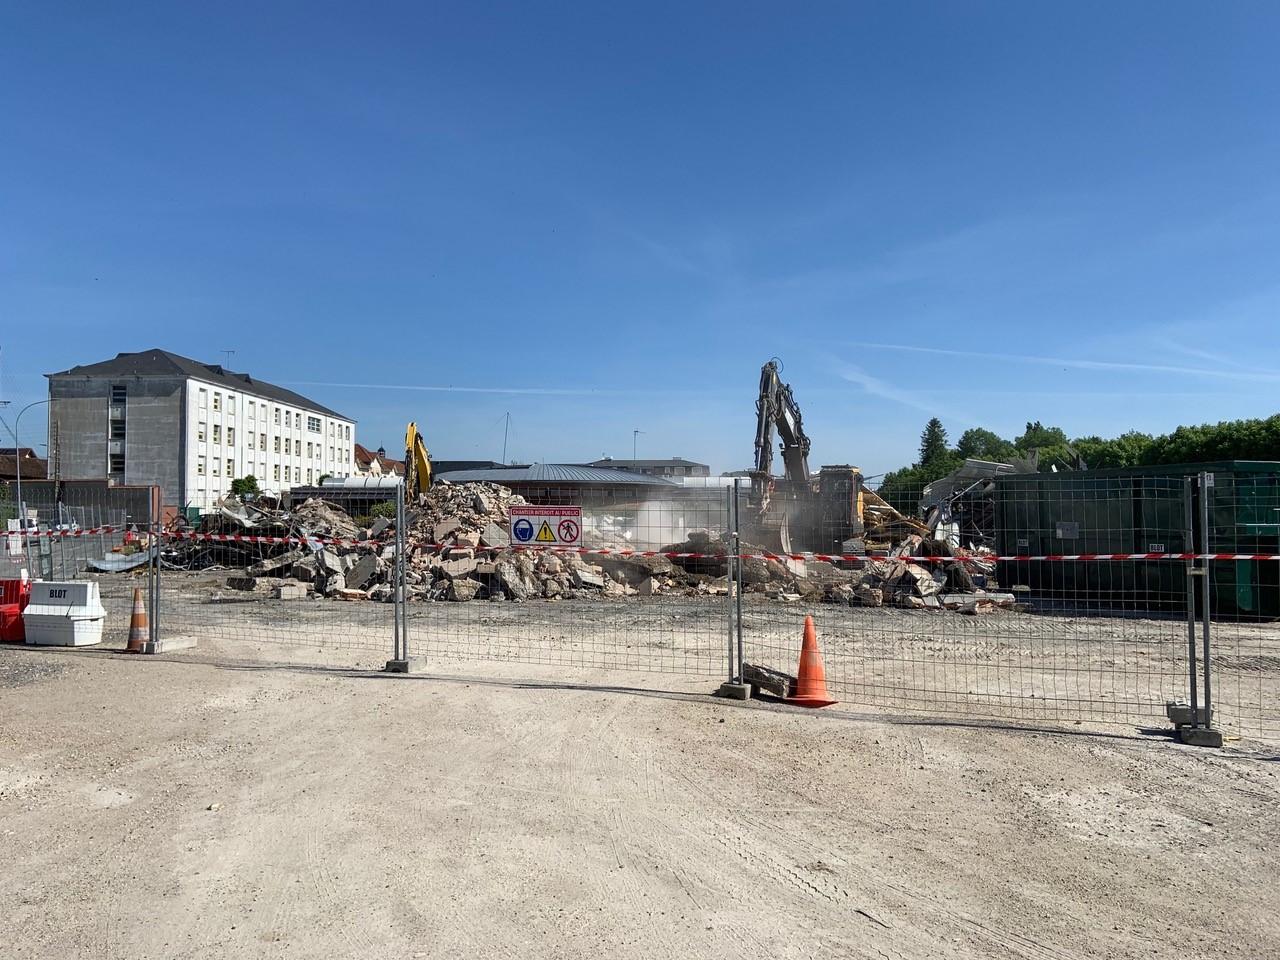 chantier démolition blot caproga vnf montargis loiret 45 travaux publics